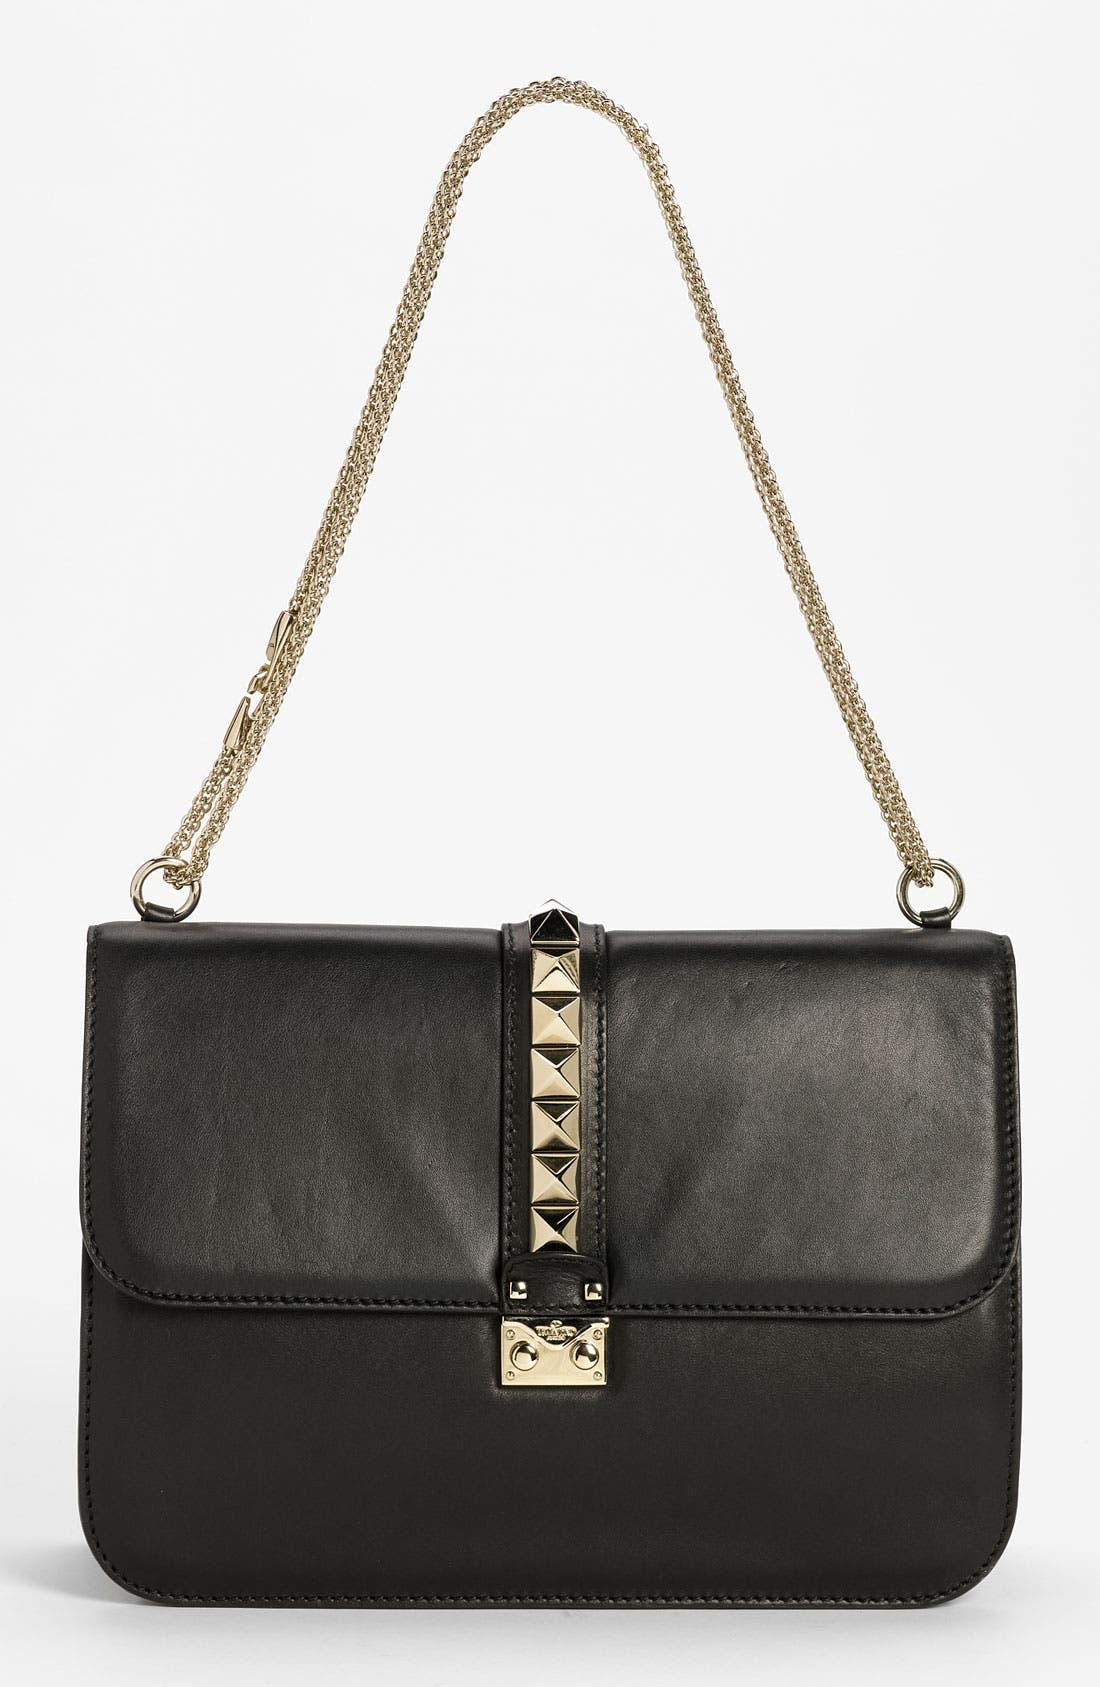 Main Image - Valentino 'Grande Lock' Leather Shoulder Bag